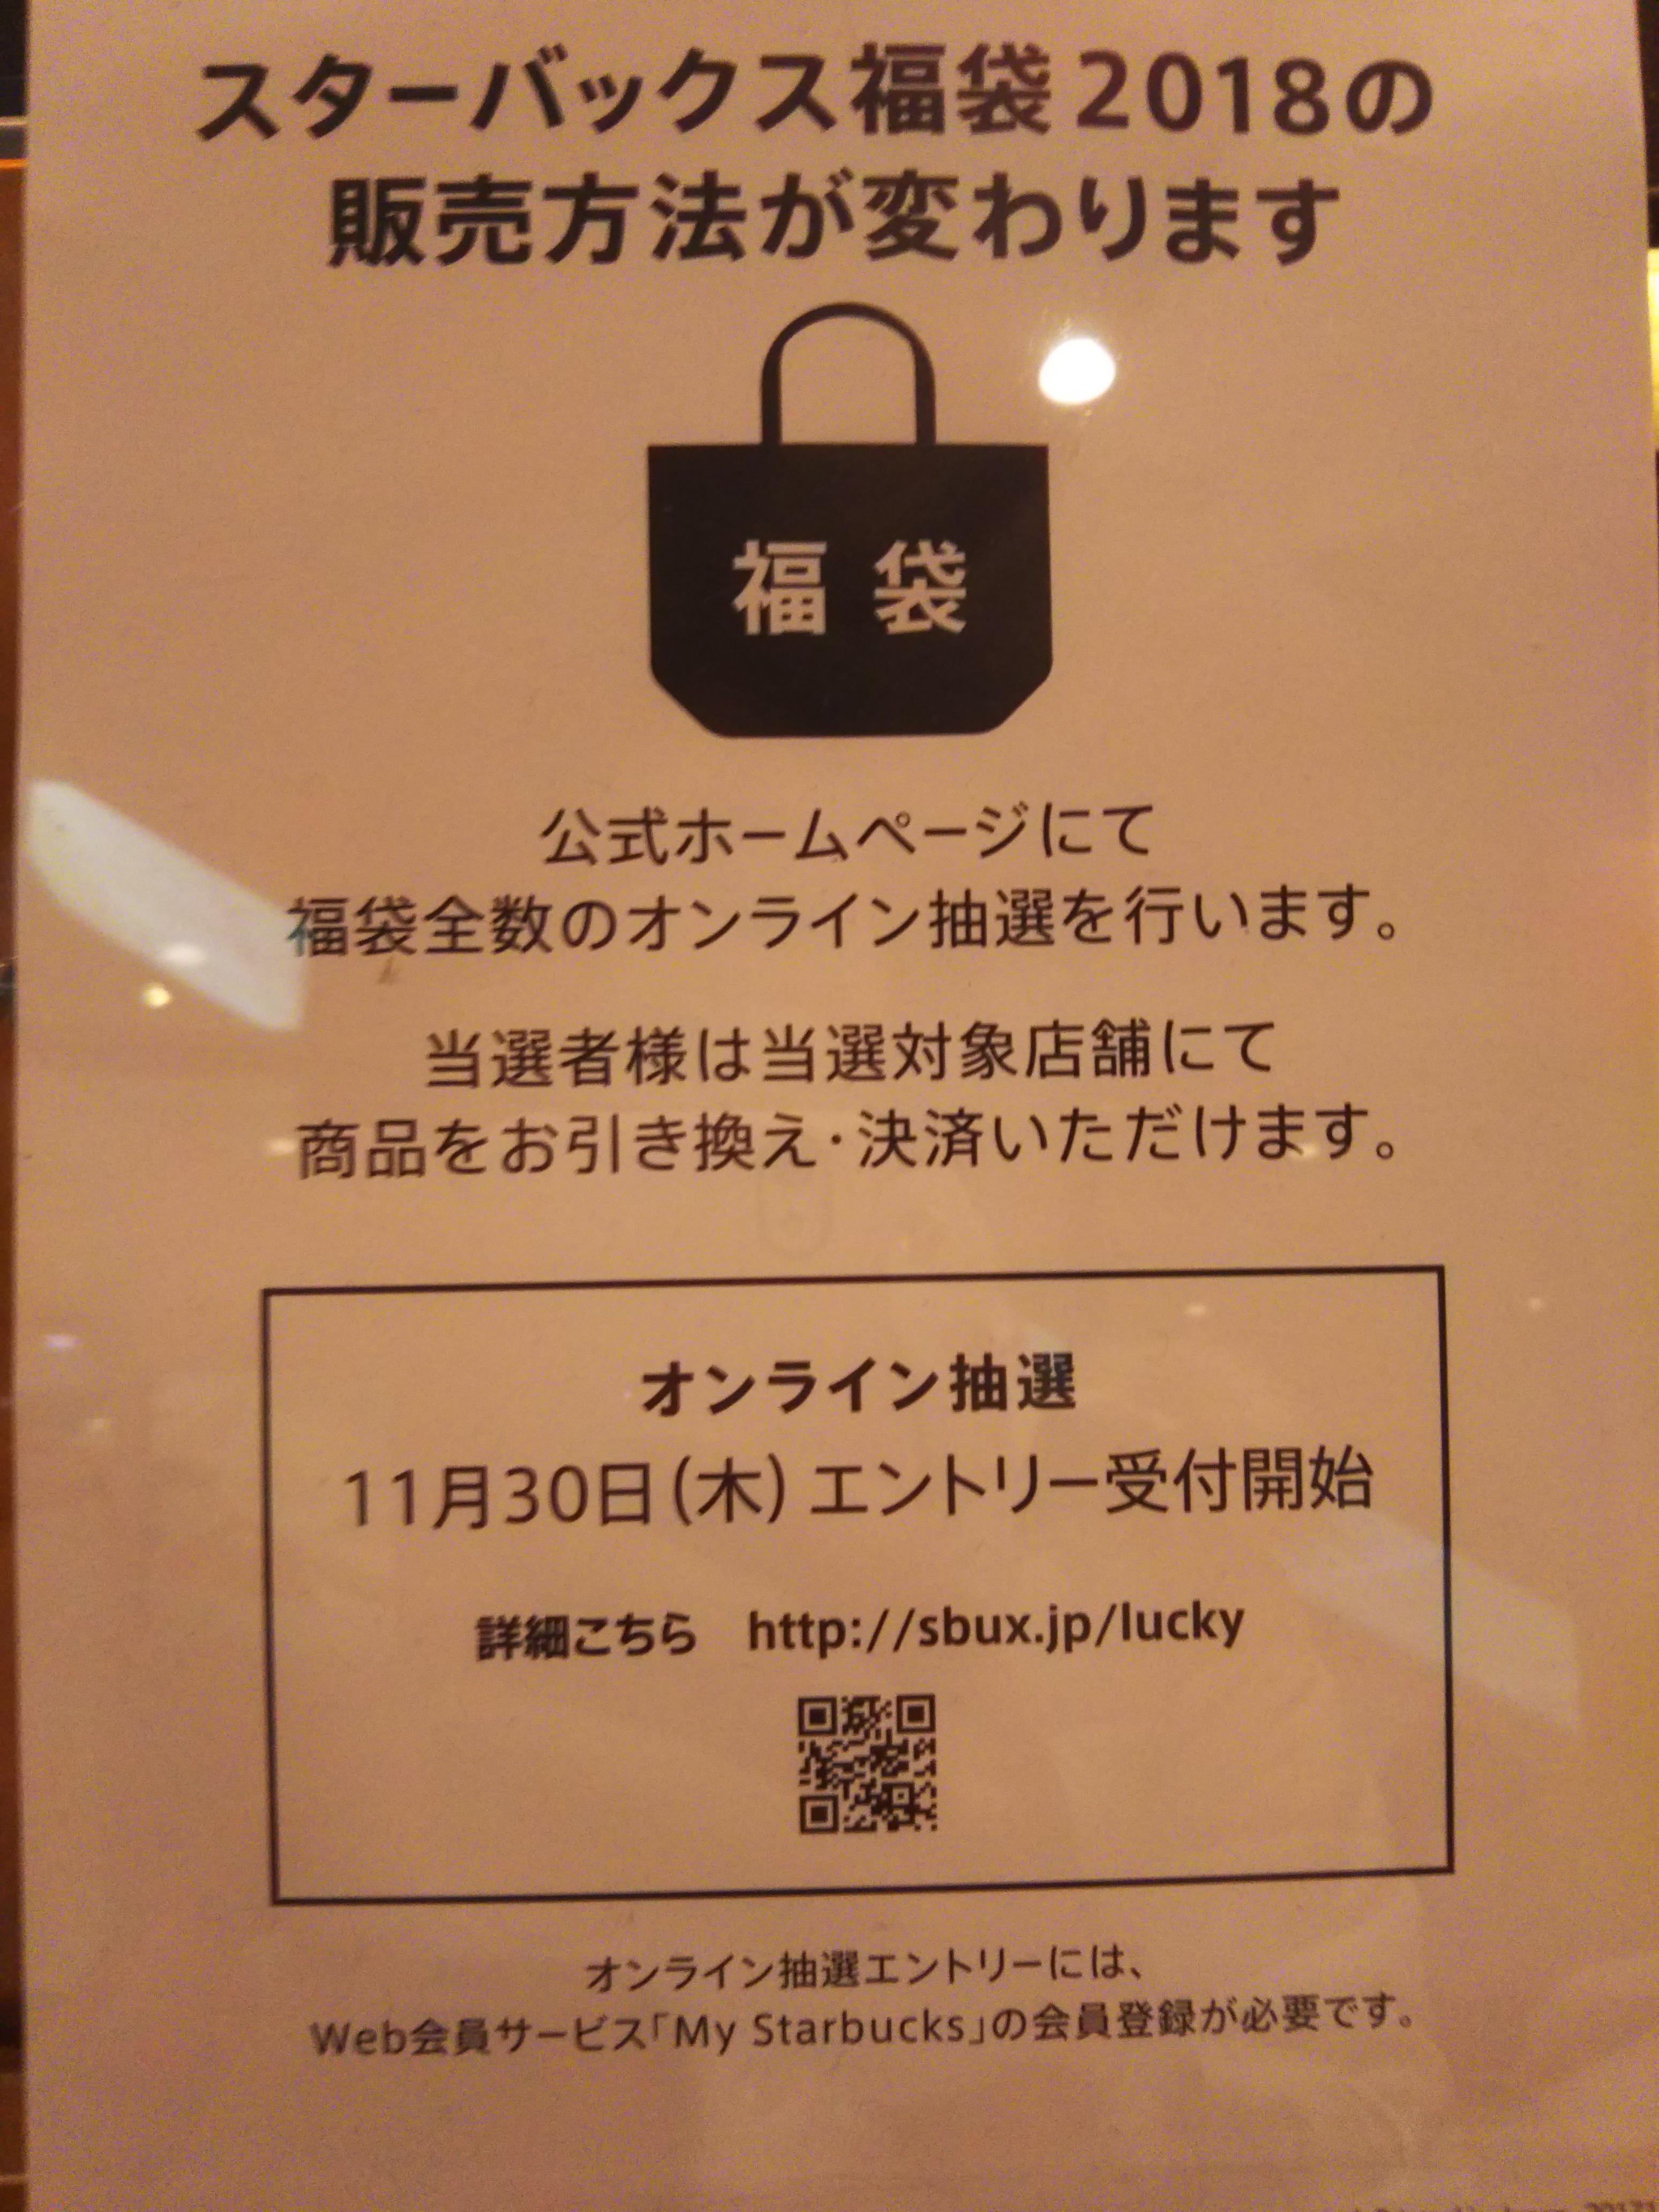 【スタバ福袋2018】11月30日~受付開始!今年は抽選販売だよ!